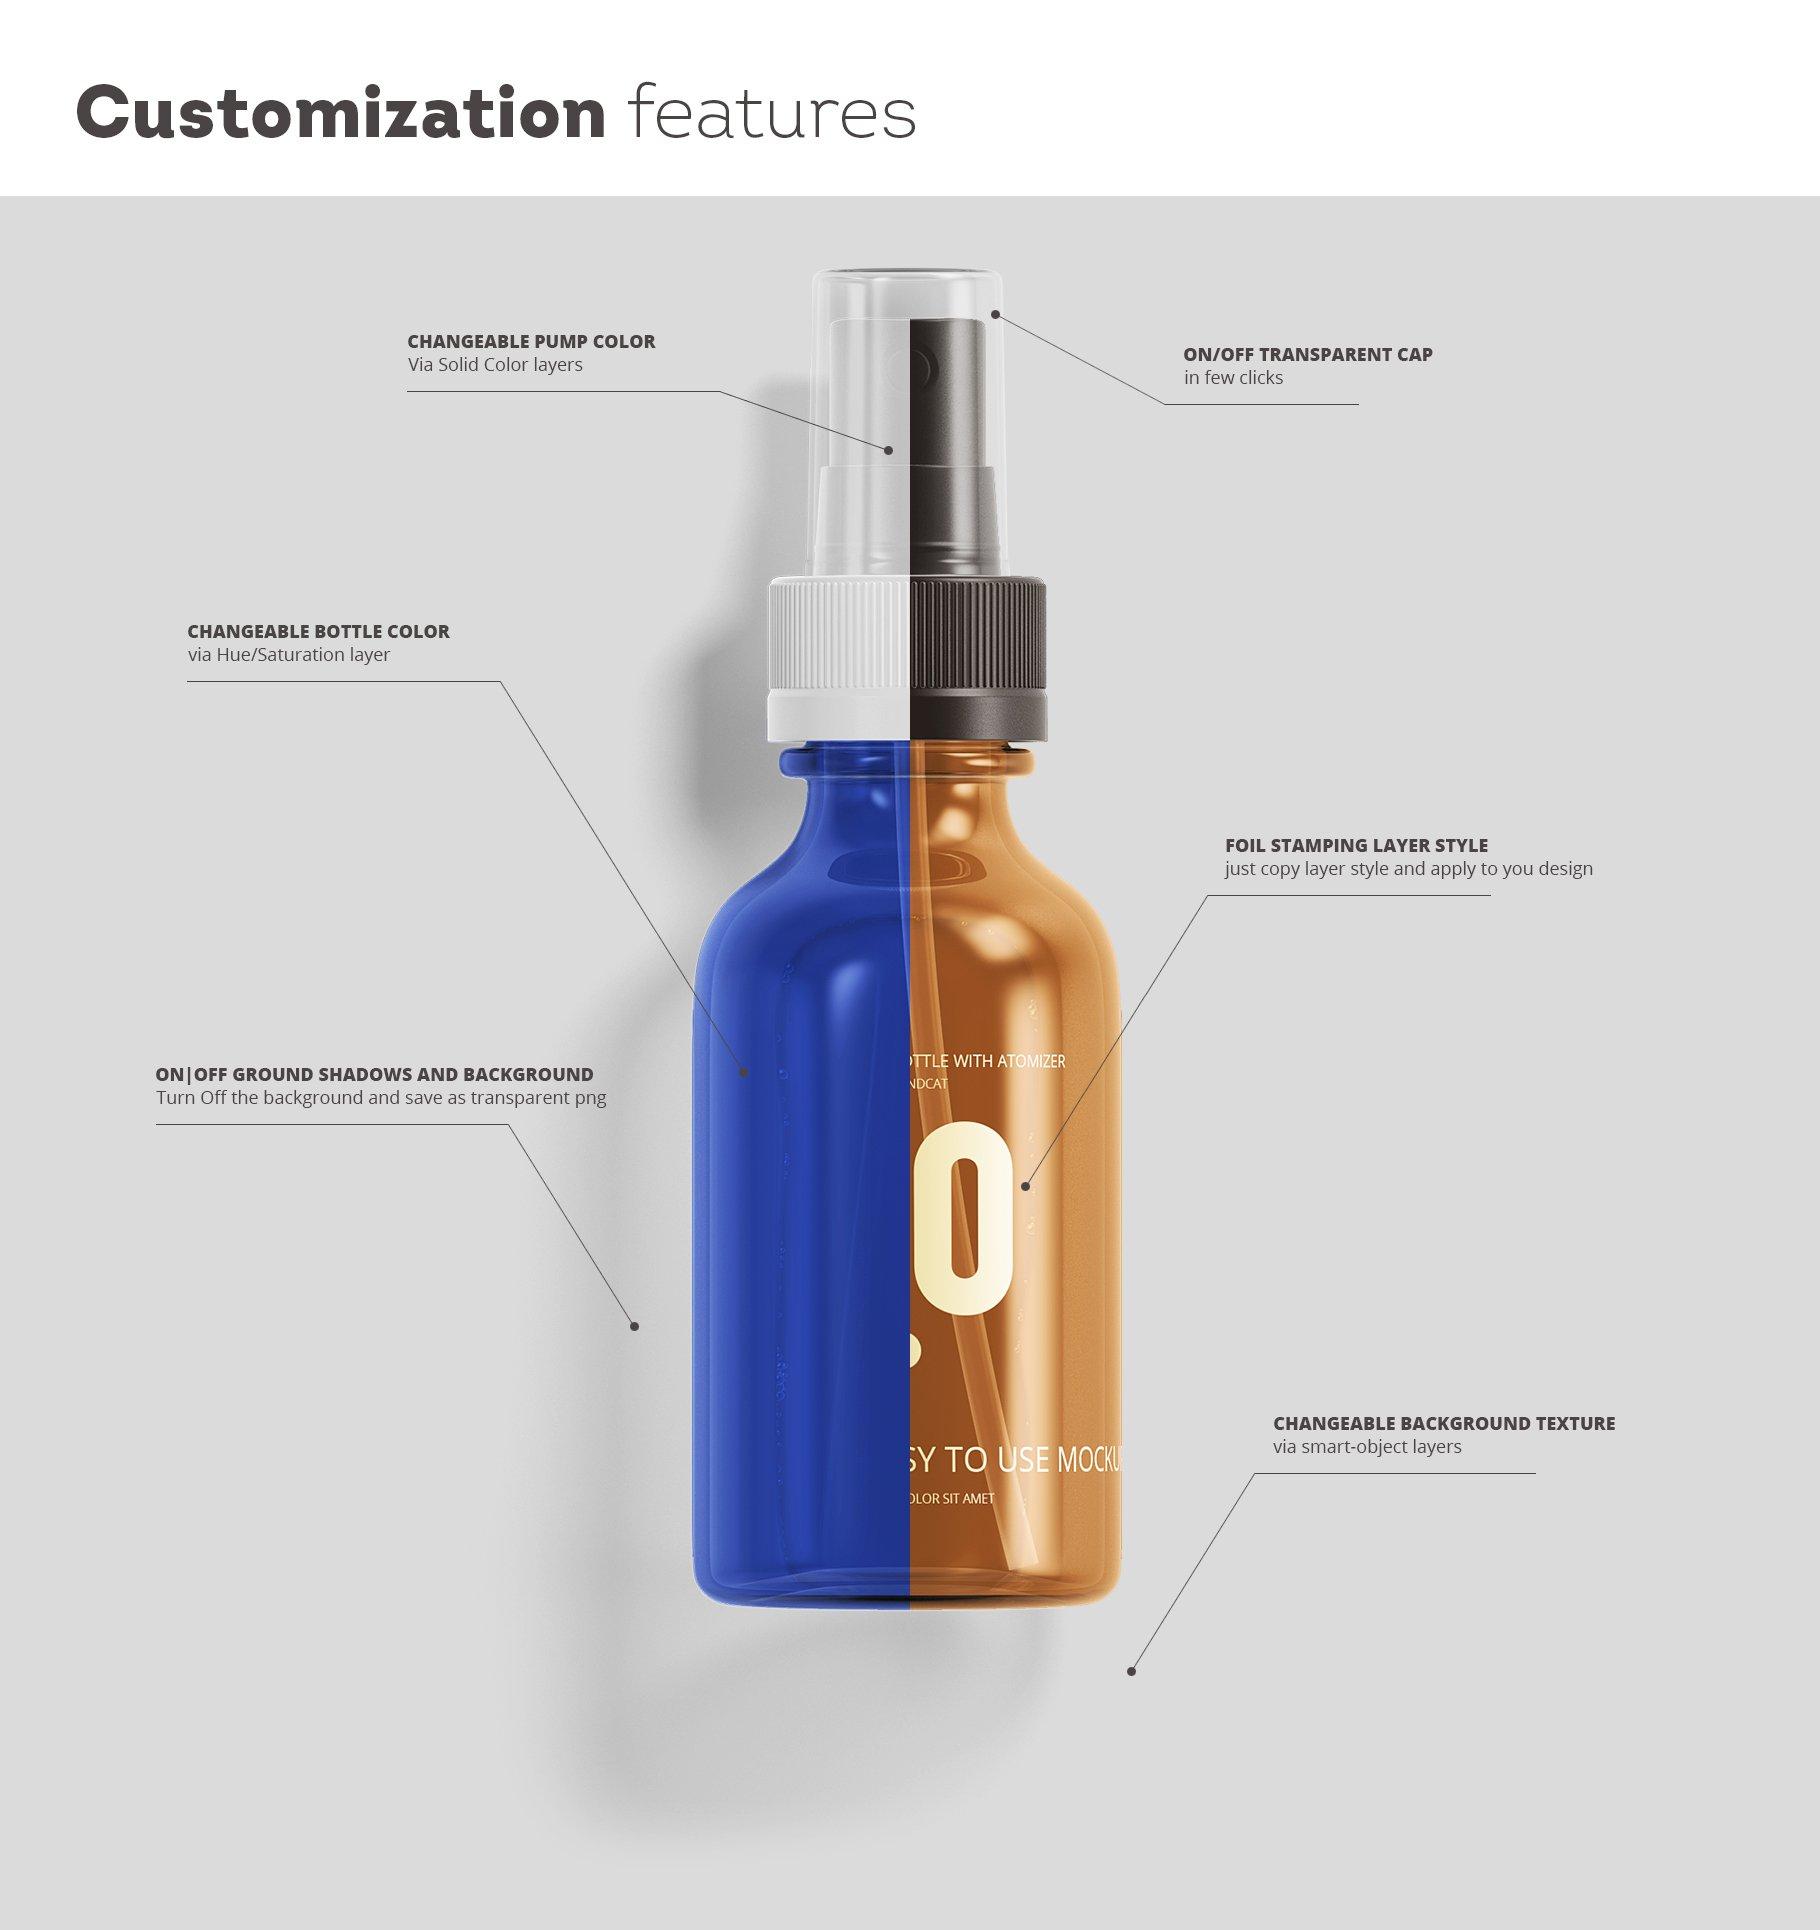 护肤品药品包装瓶子化妆品喷雾塑料瓶展示样机 Spray Bottles Mockup